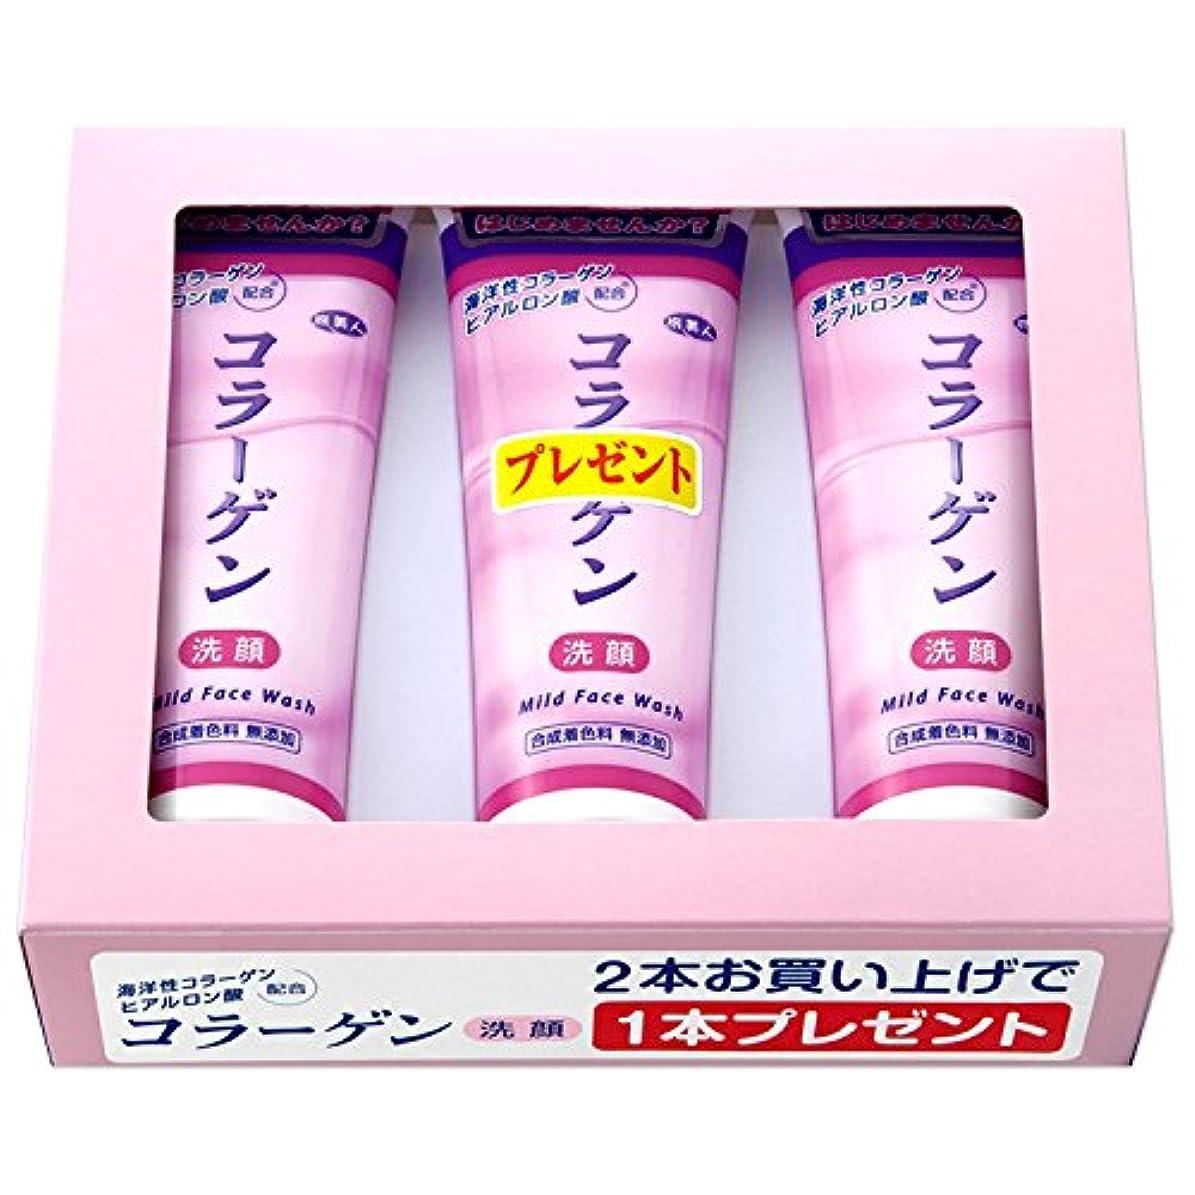 潜む壁ライドアズマ商事の コラーゲン洗顔クリーム お得な 2本の値段で3本入りセット